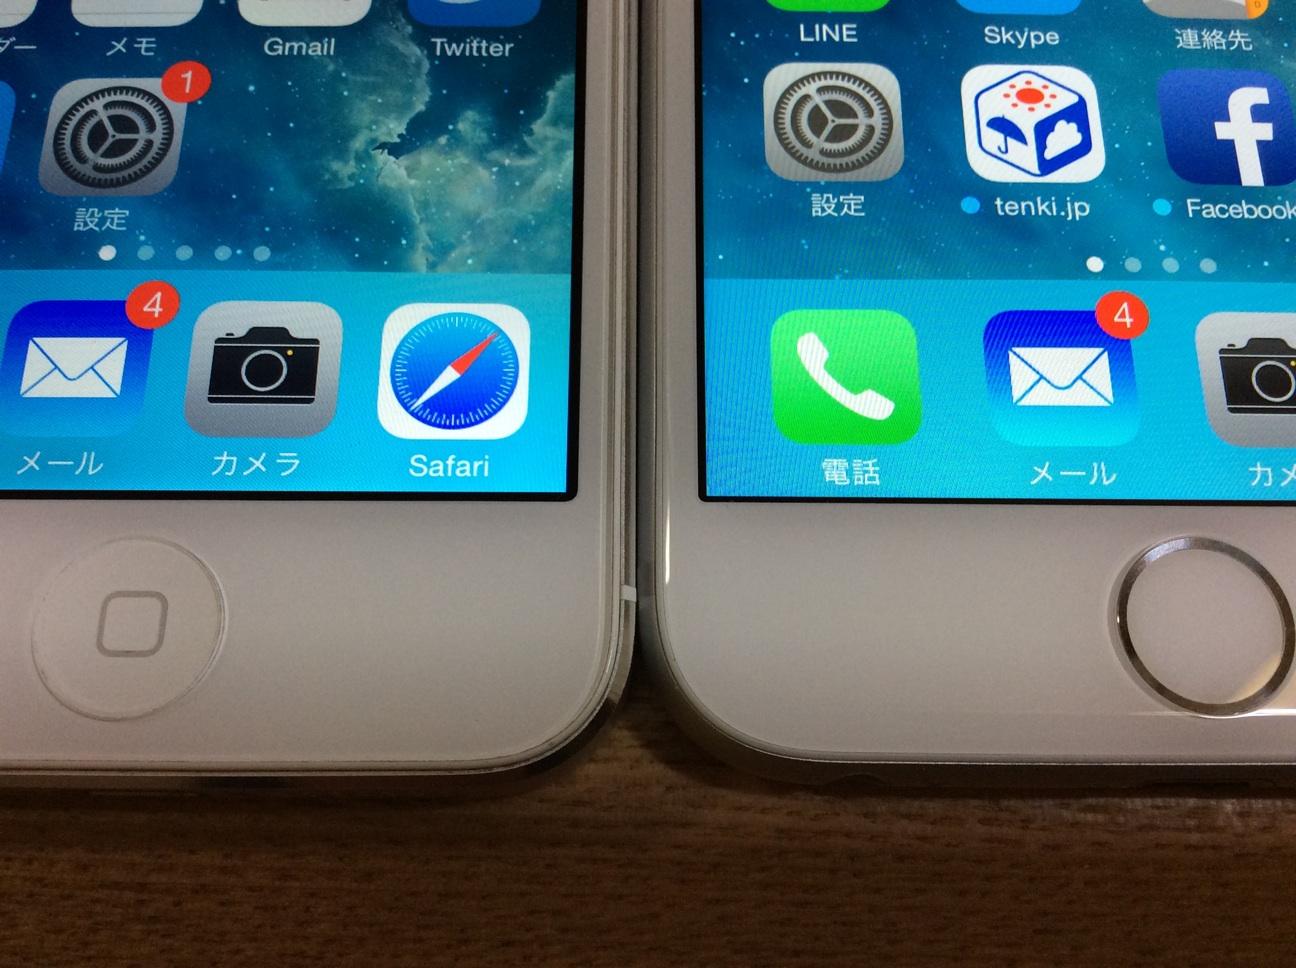 iPhone5とiPhone6のベゼル幅を測定し、比較してみた